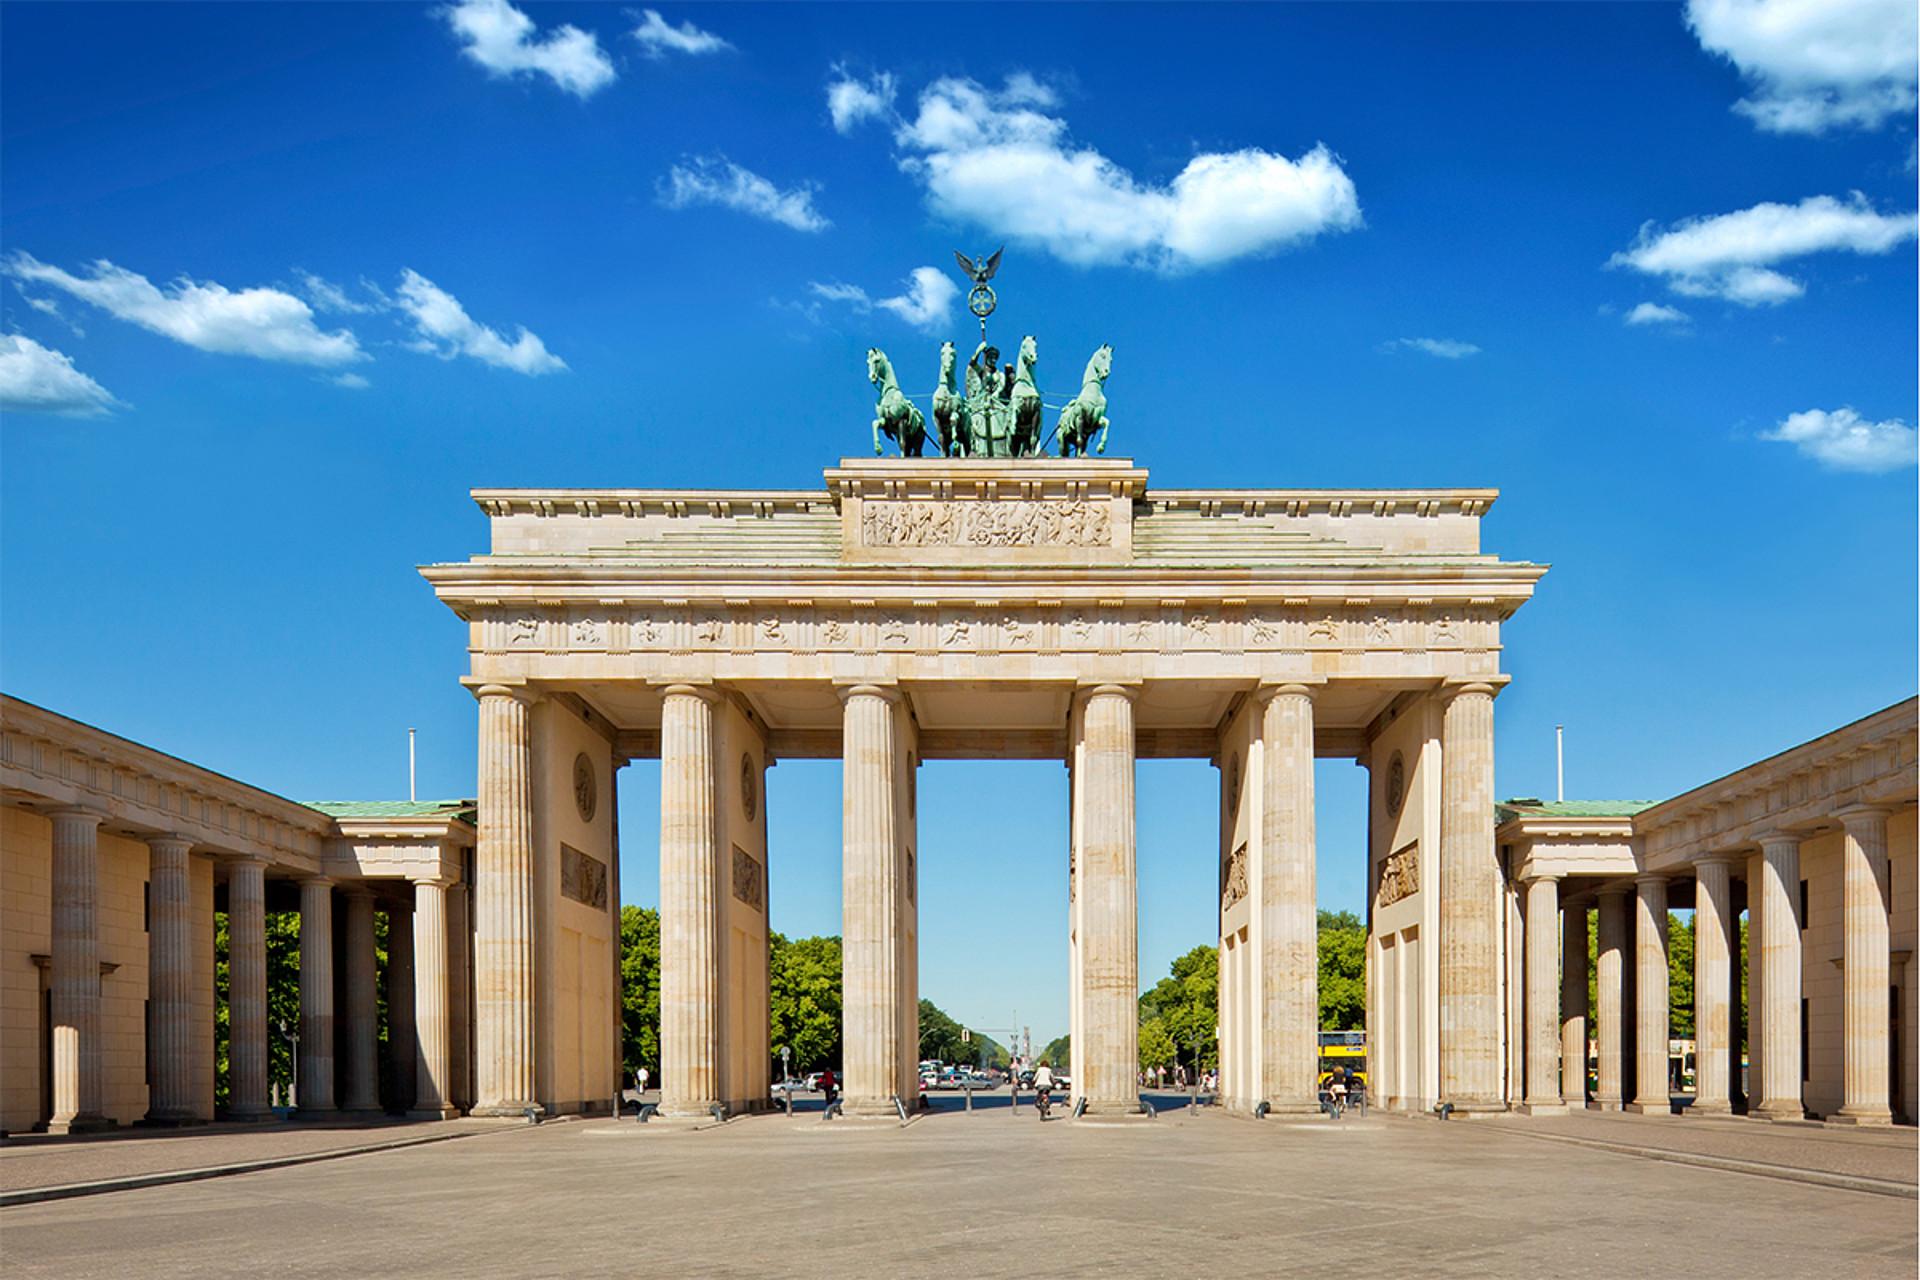 Globales ranking das sind die besten l nder der welt - Beste architektur uni europa ...